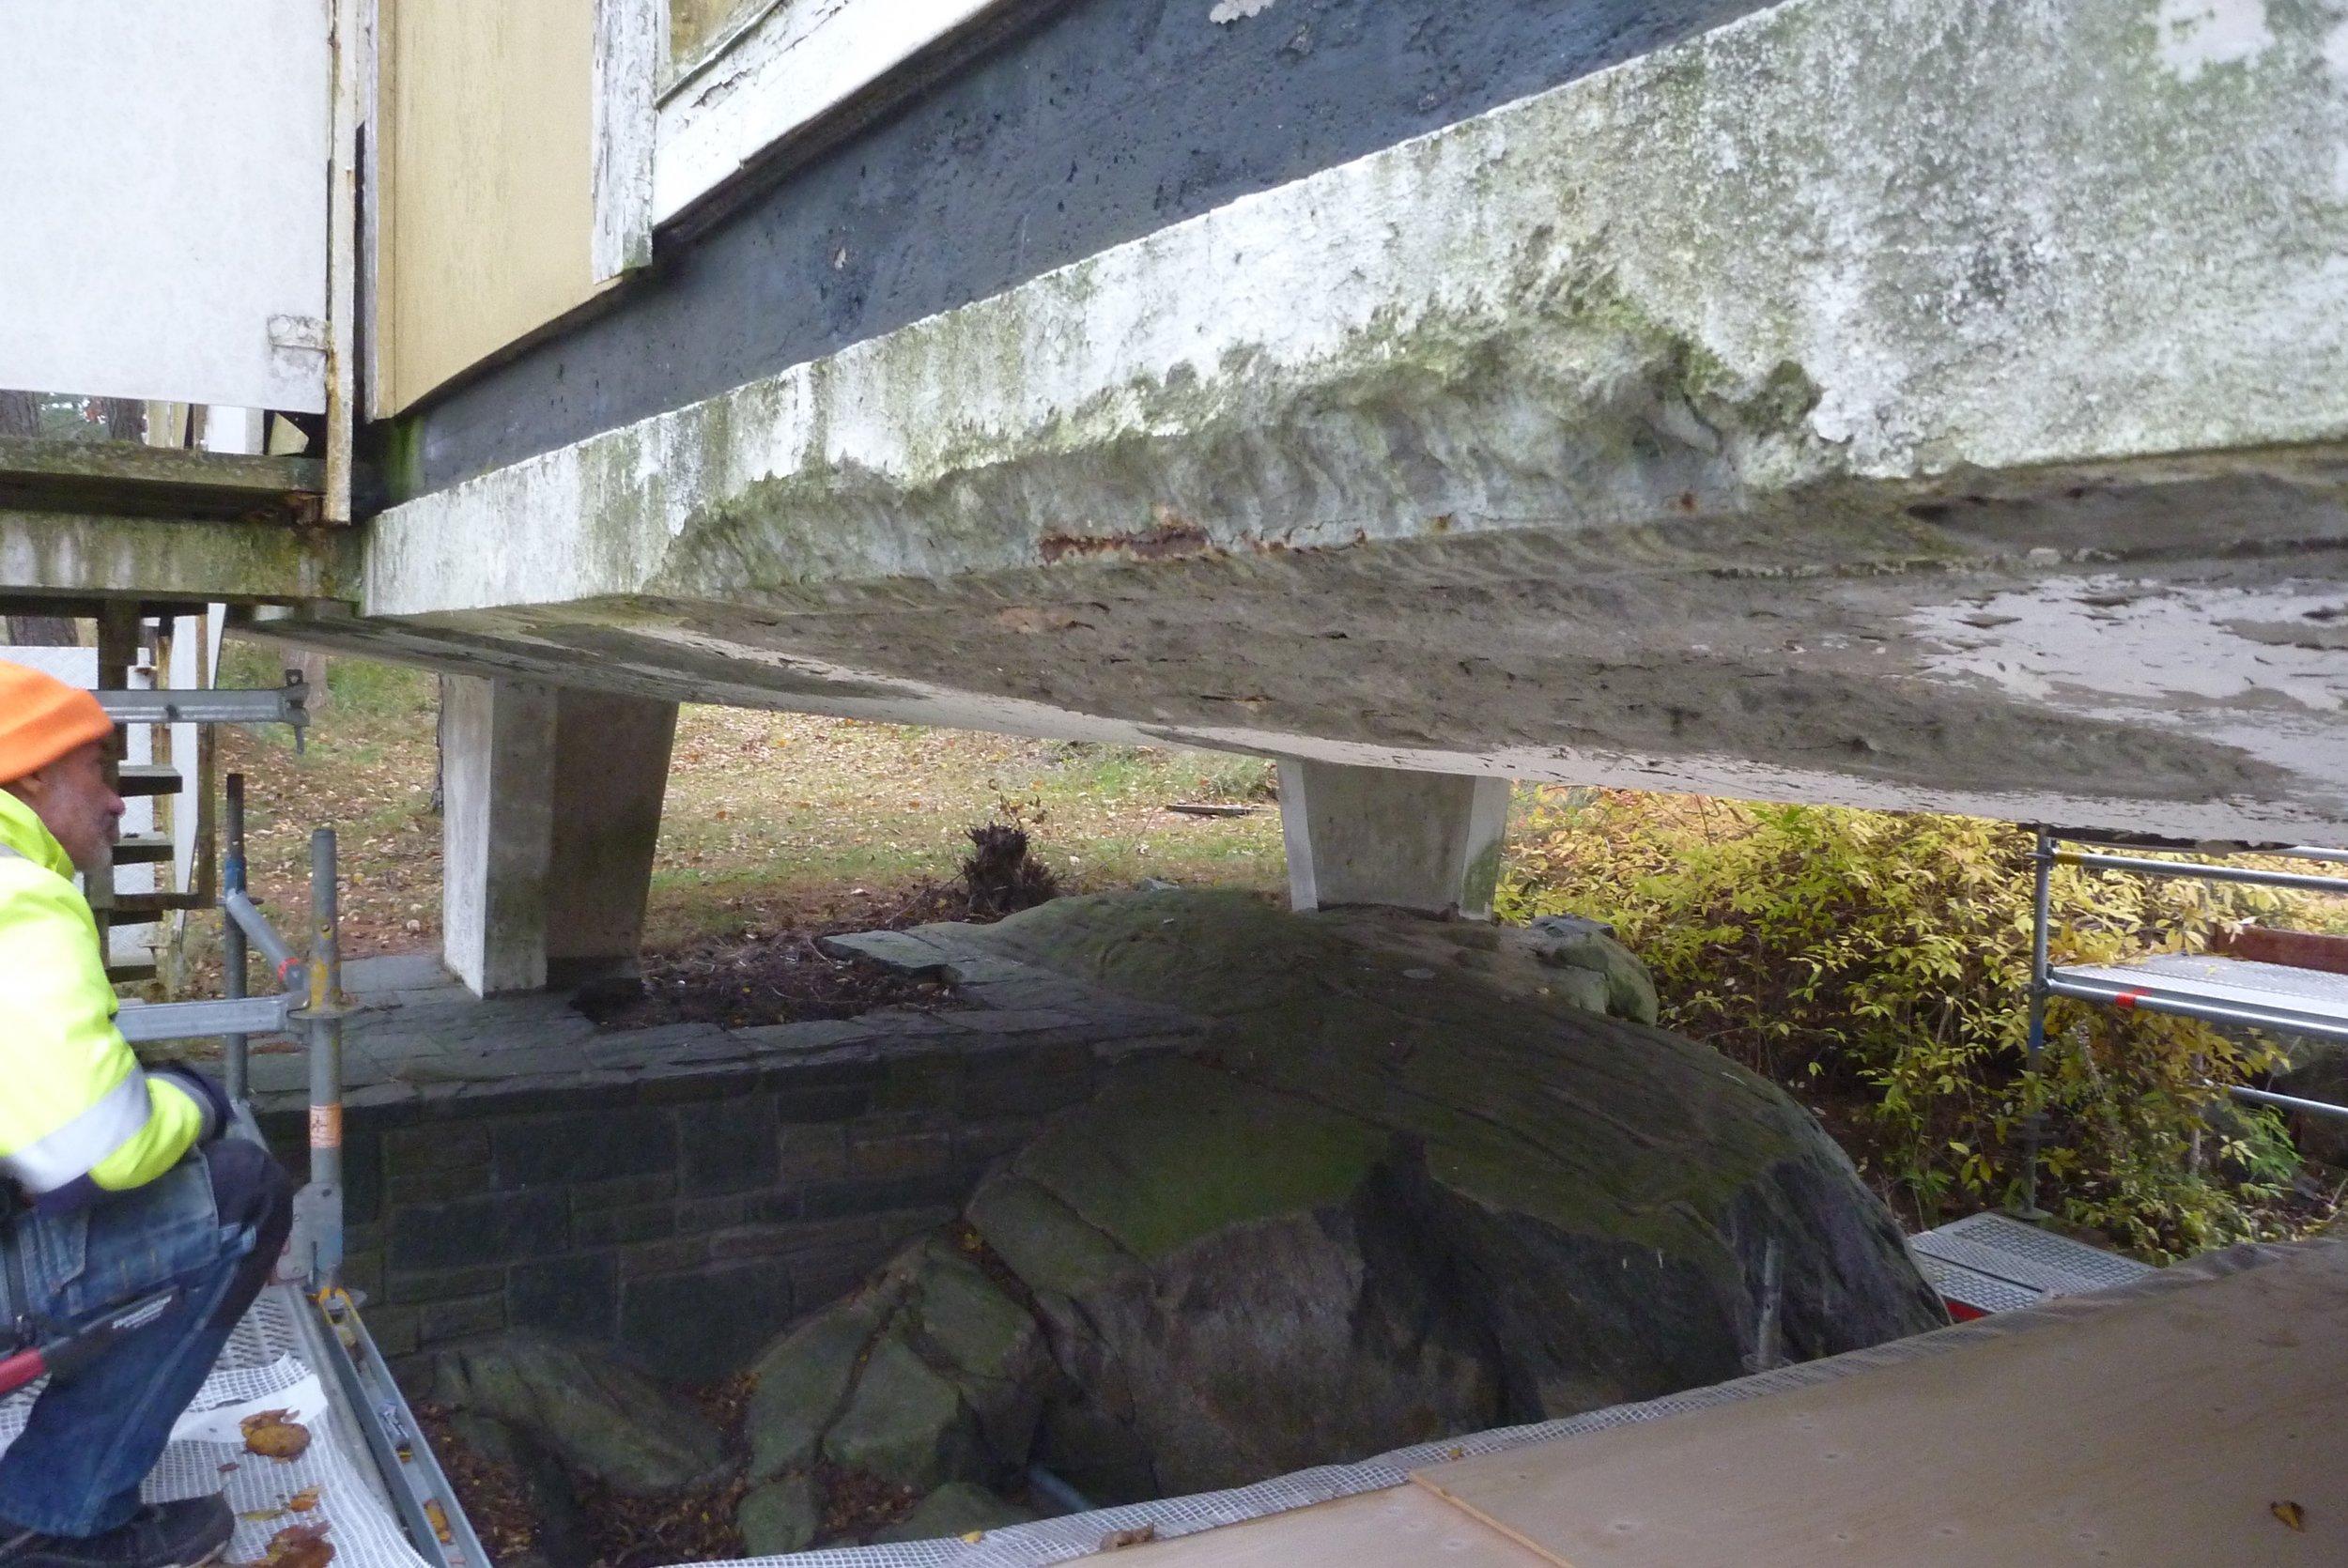 4 betongplattan har skador, armeringen rostar och spränger sönder betongen inifrån.jpg